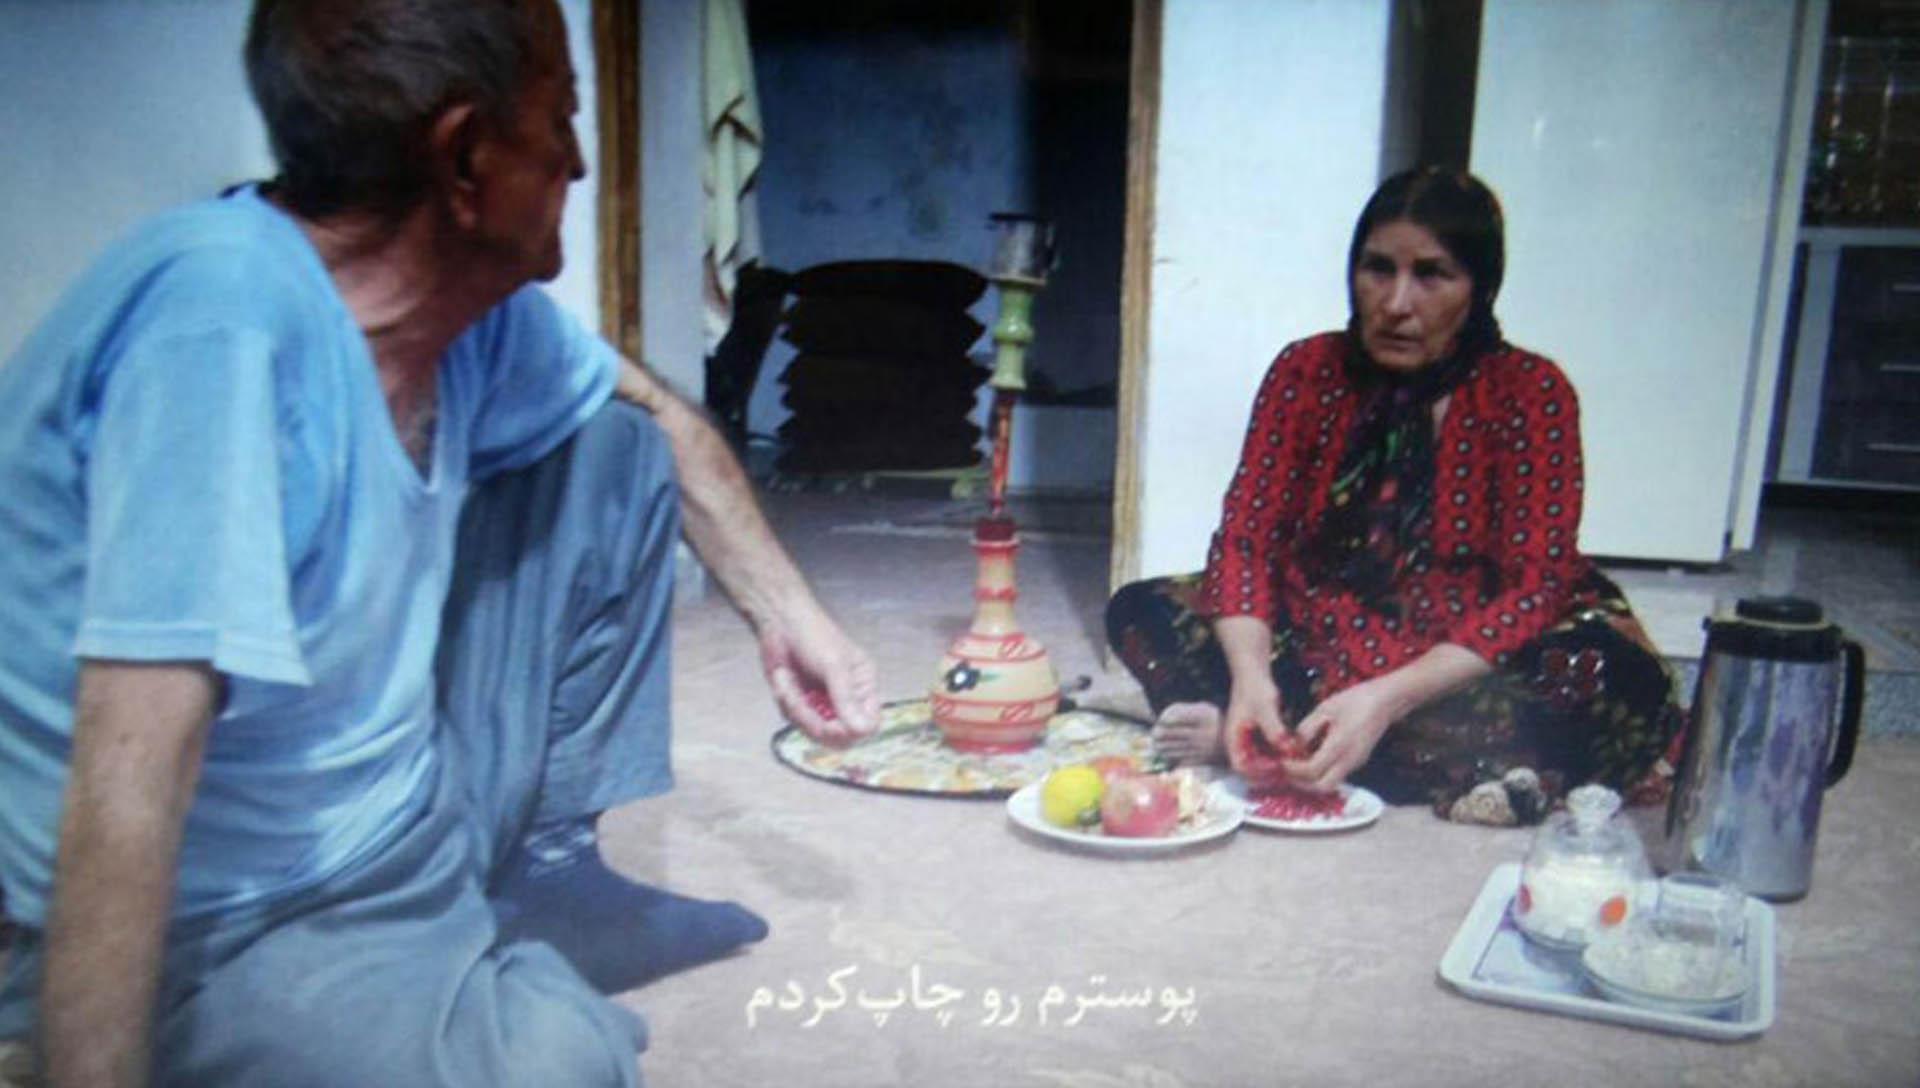 خبر تشریفات خصوصی - شرکت فیلم سازی زوم شیراز برادران شریفی